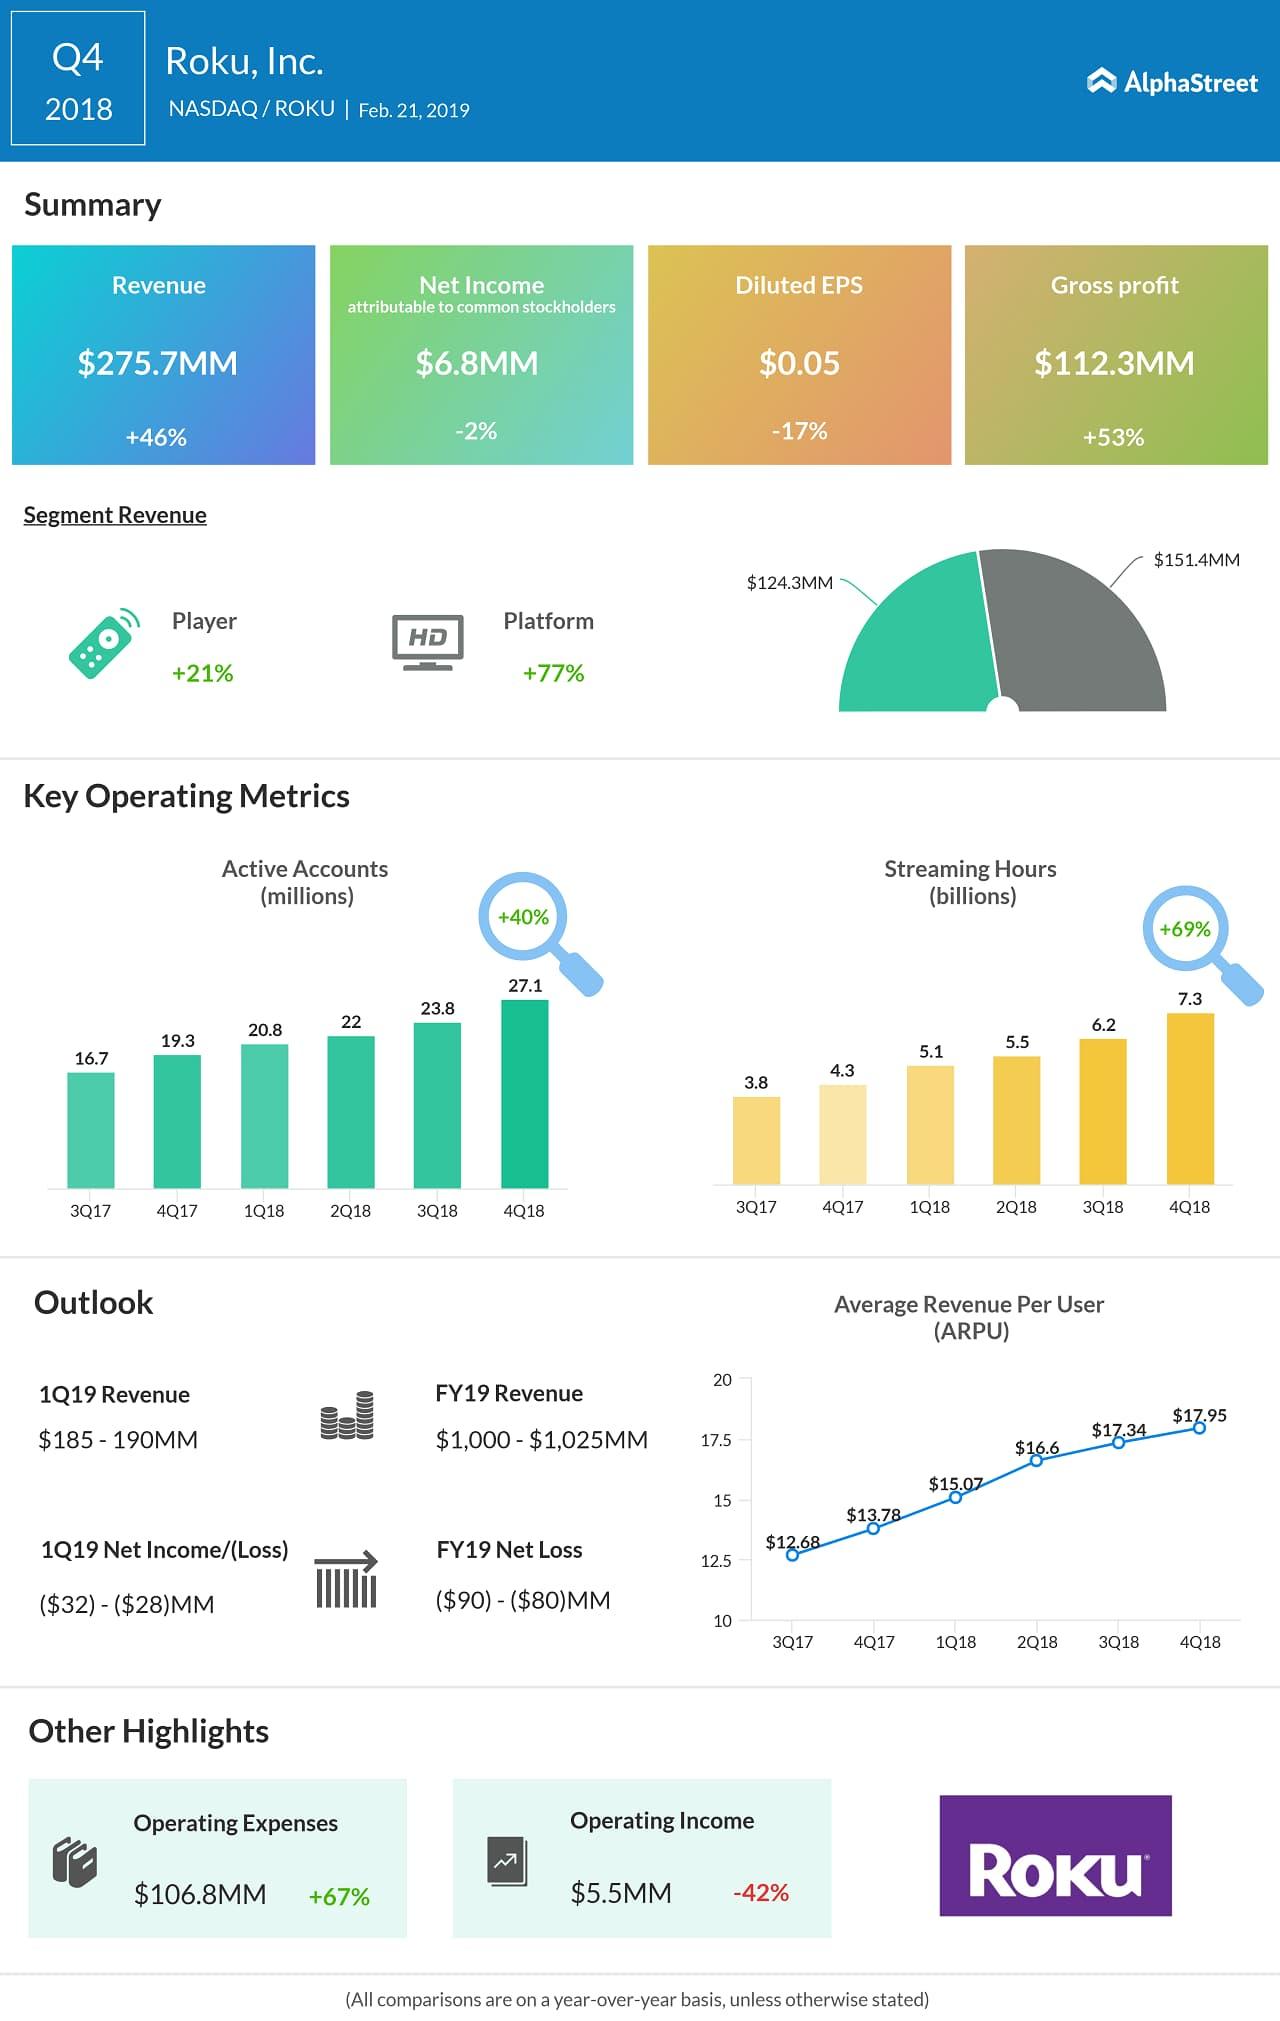 Rok Q4 2018 revenues jump